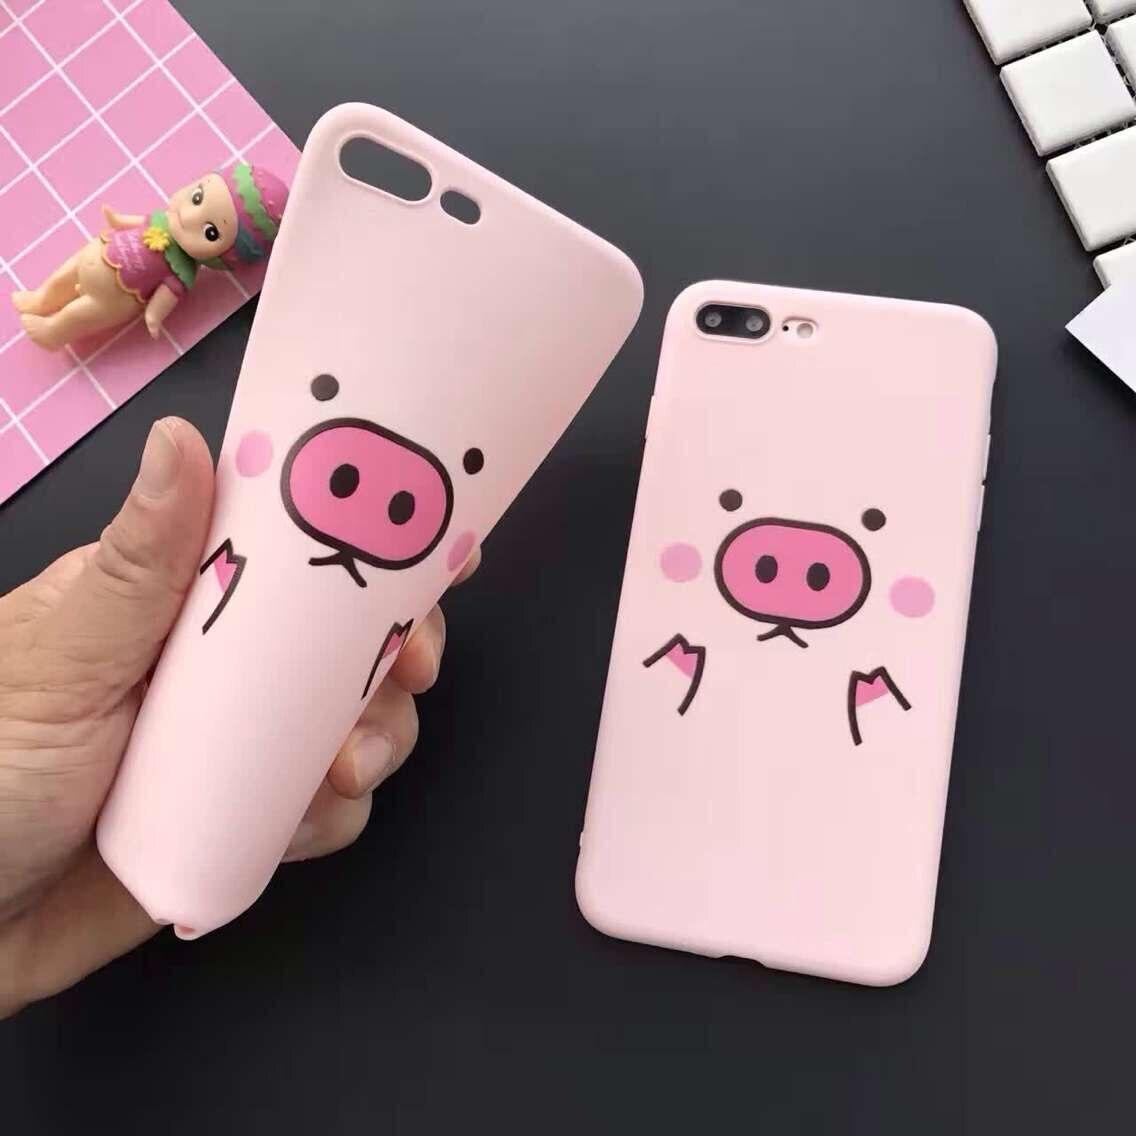 iphone 7 case pig